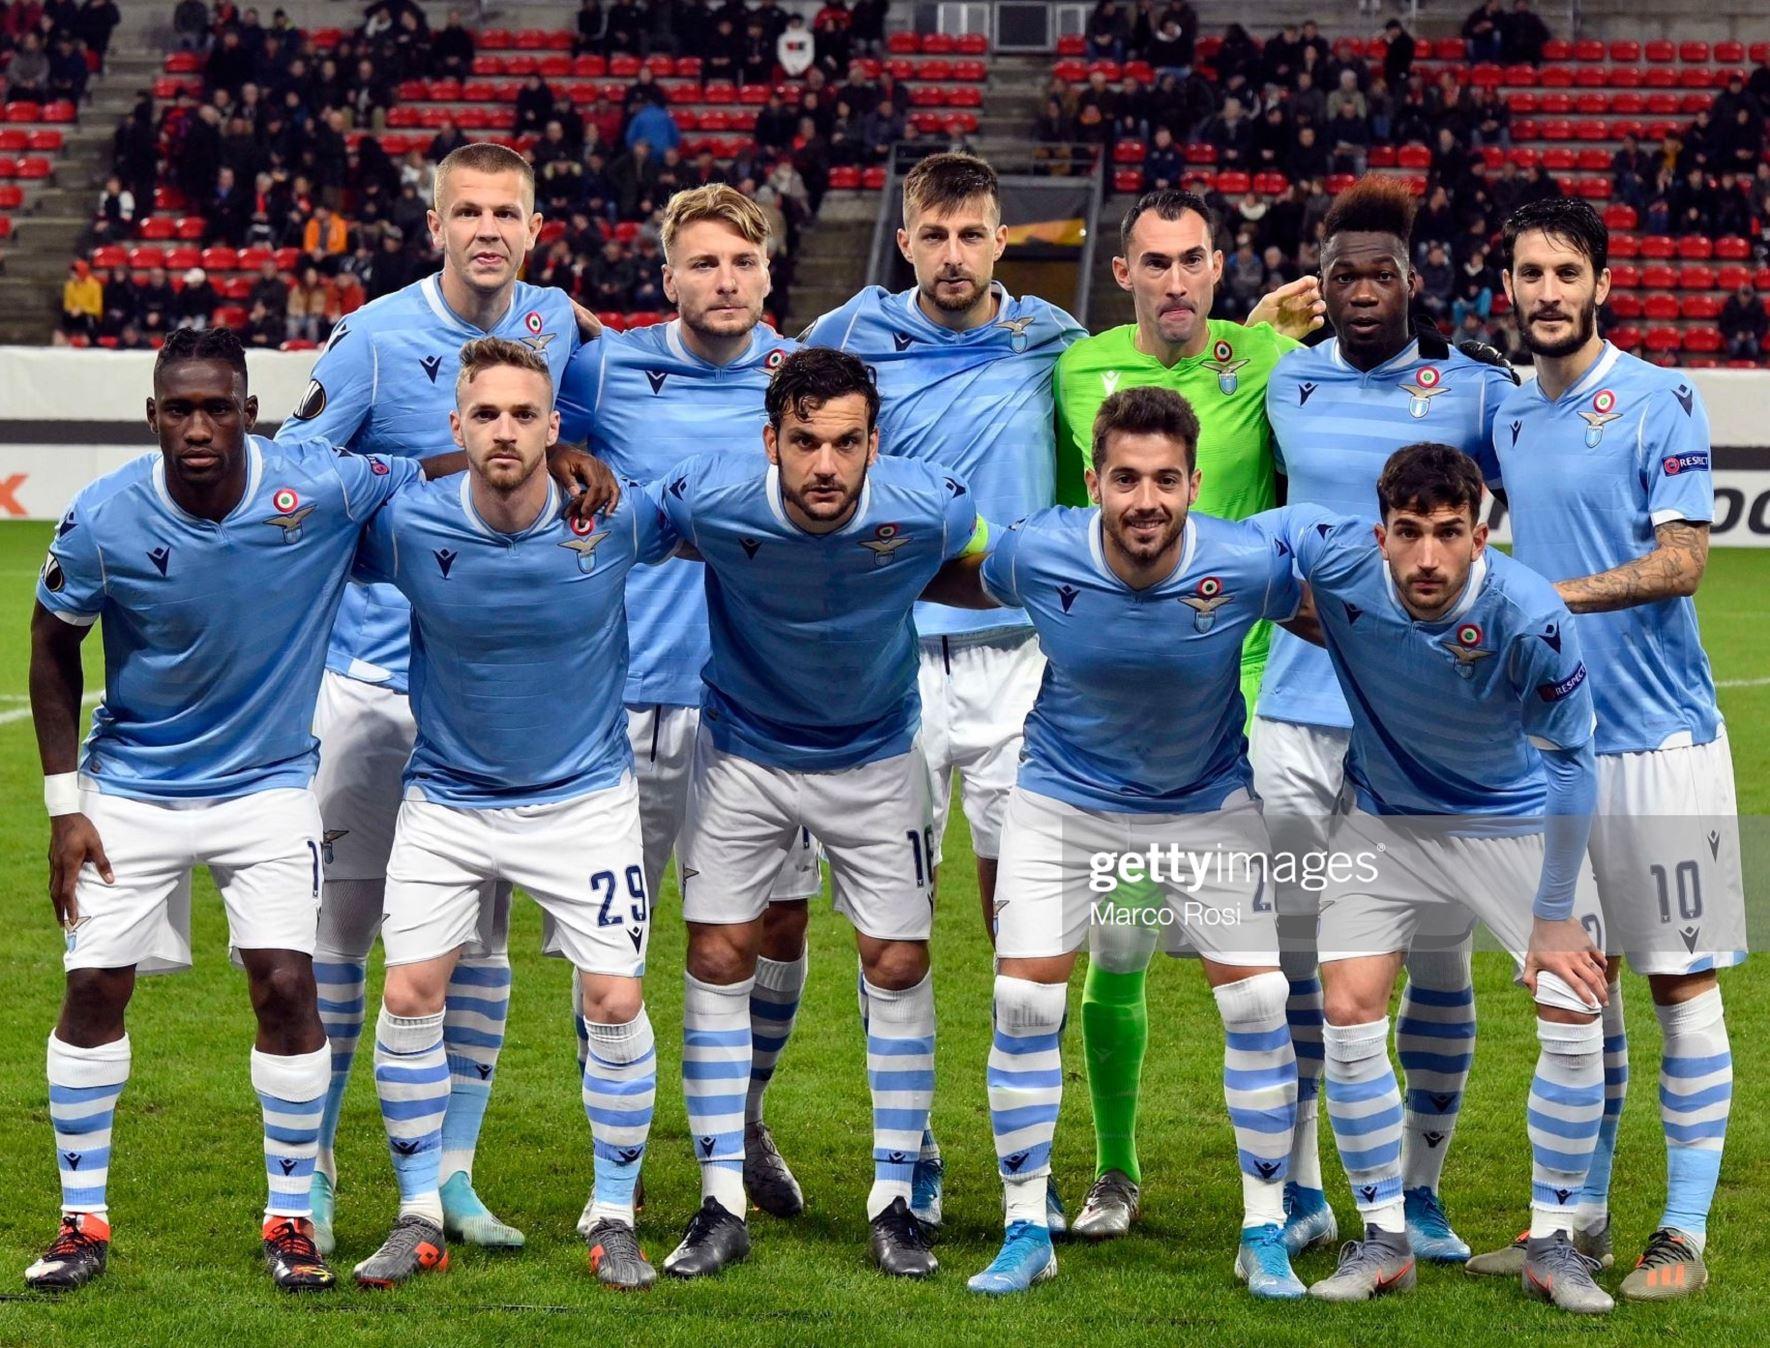 Ренн (Франция) - Лацио (Италия) 2:0. Нажмите, чтобы посмотреть истинный размер рисунка